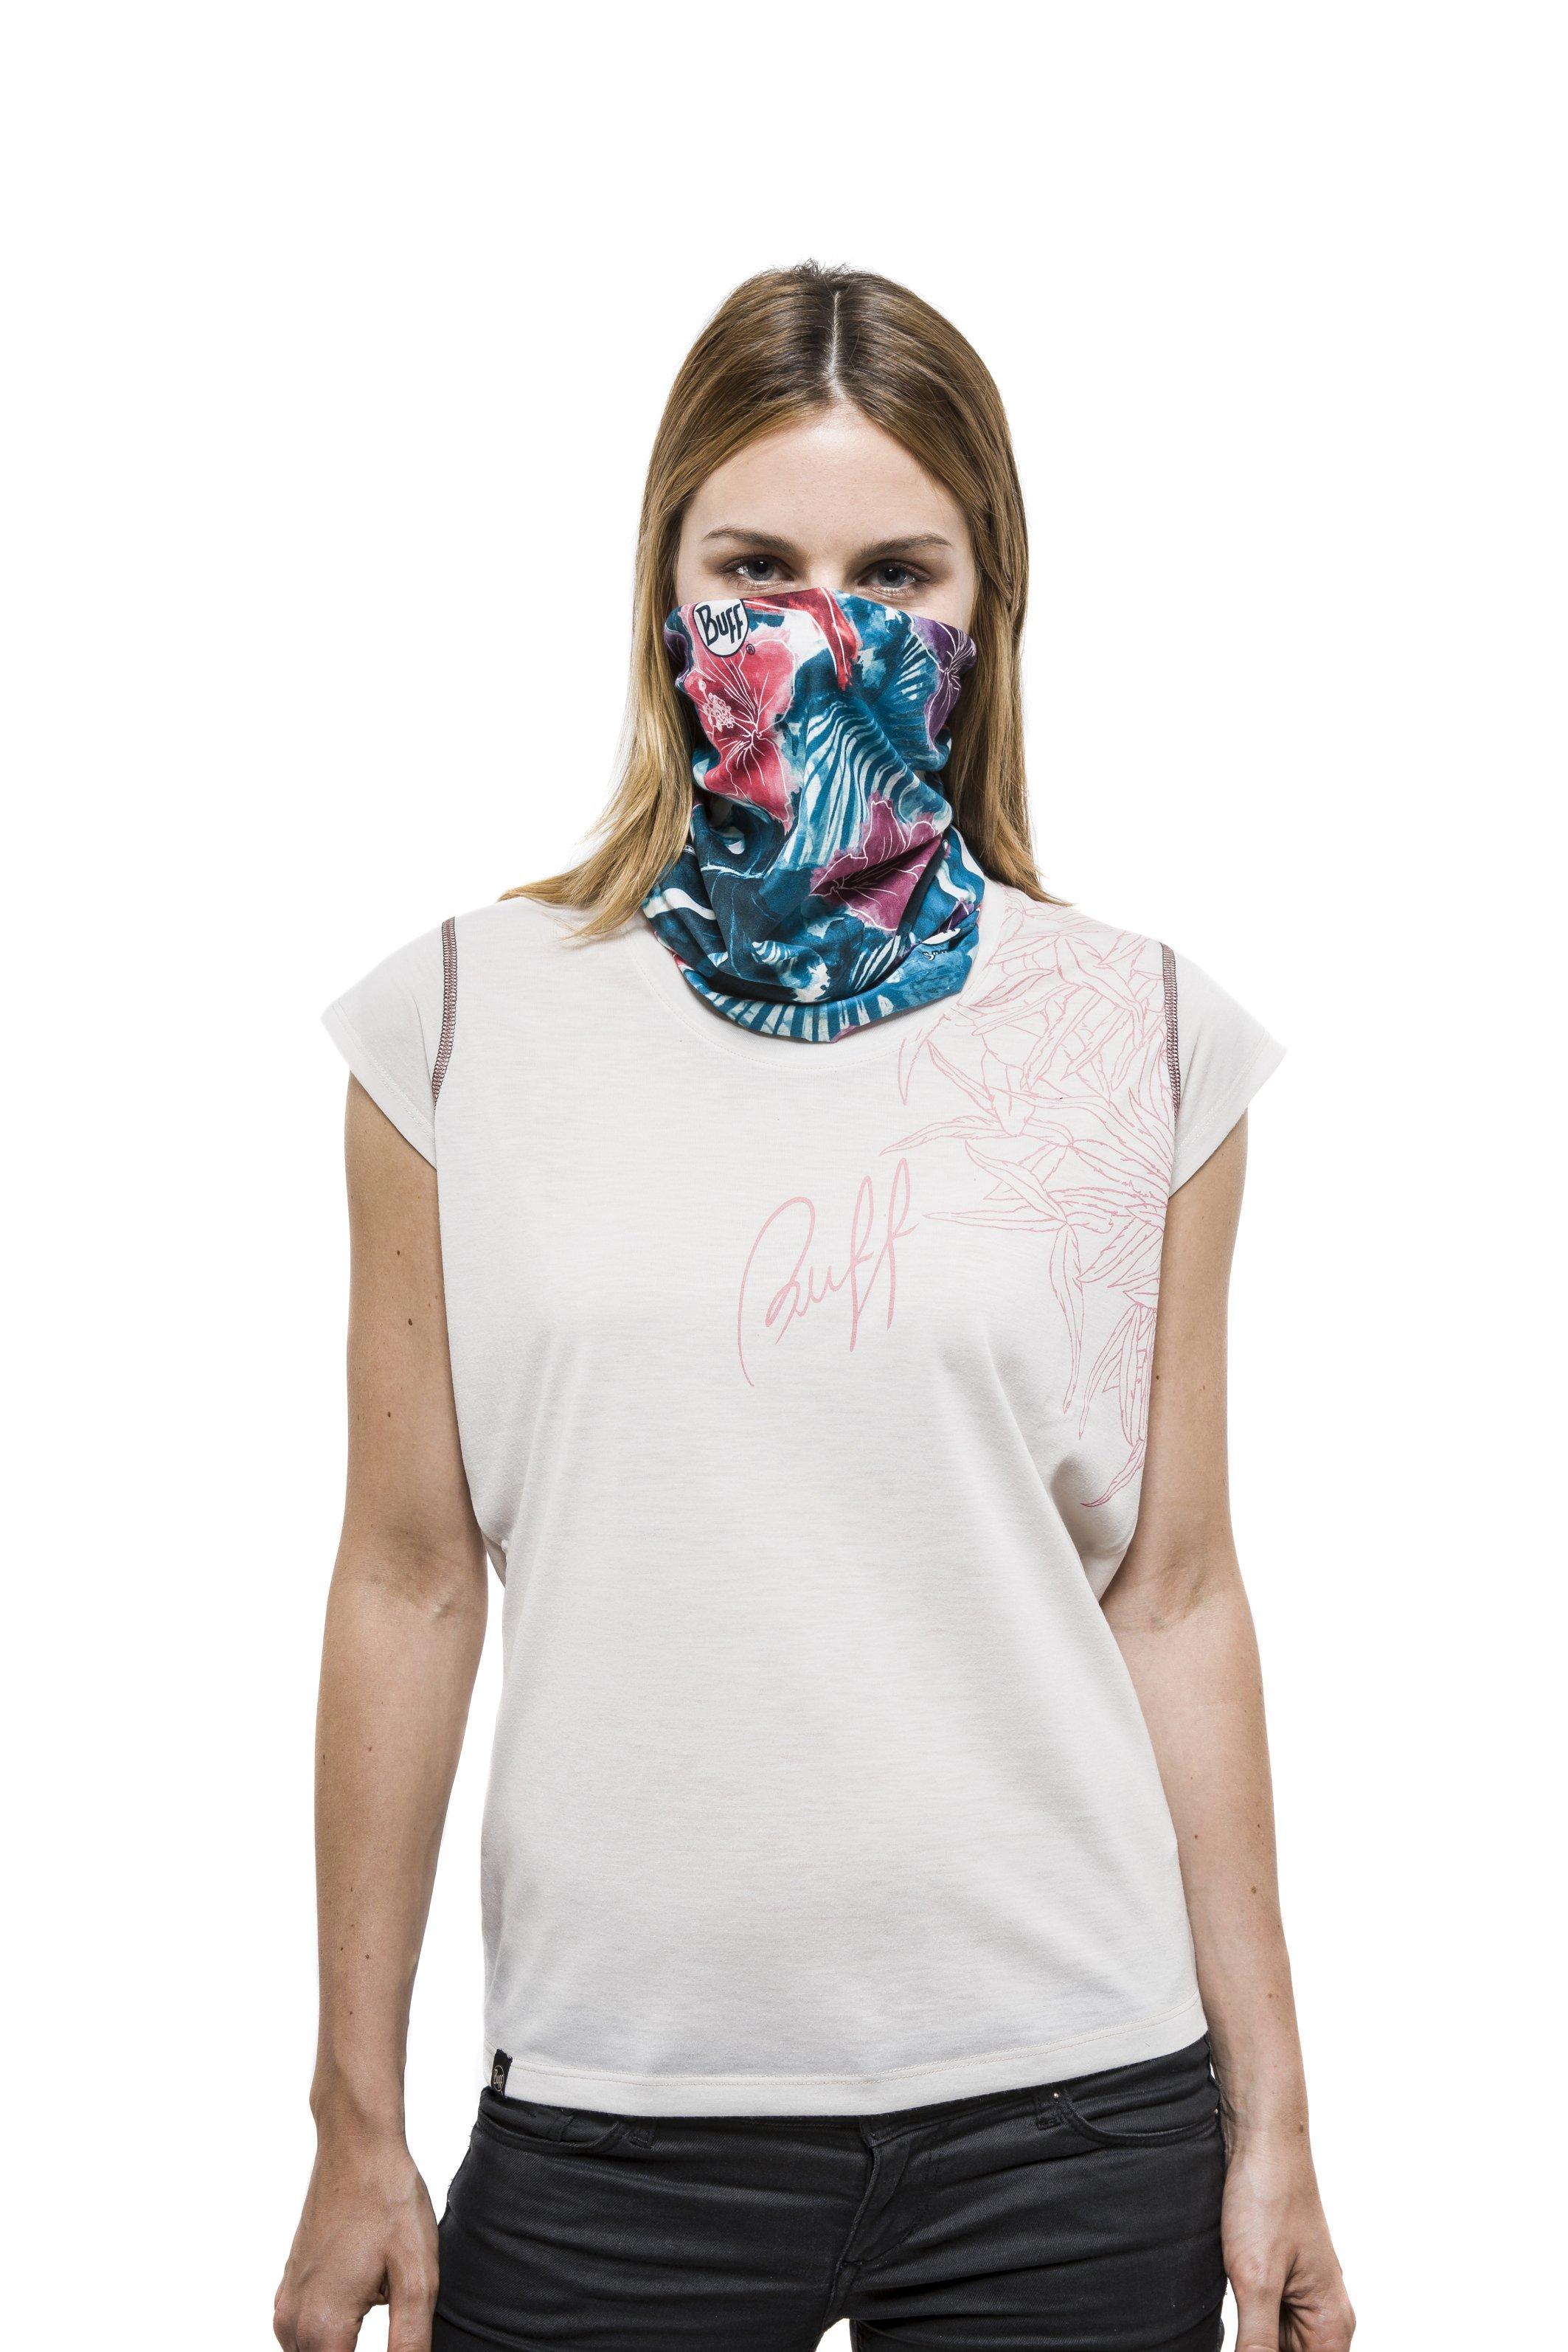 Buff Prsentiert Das Erste Schlauchtuch Mit Integriertem Bandana Outwear Tuch Ultimativem Schutz